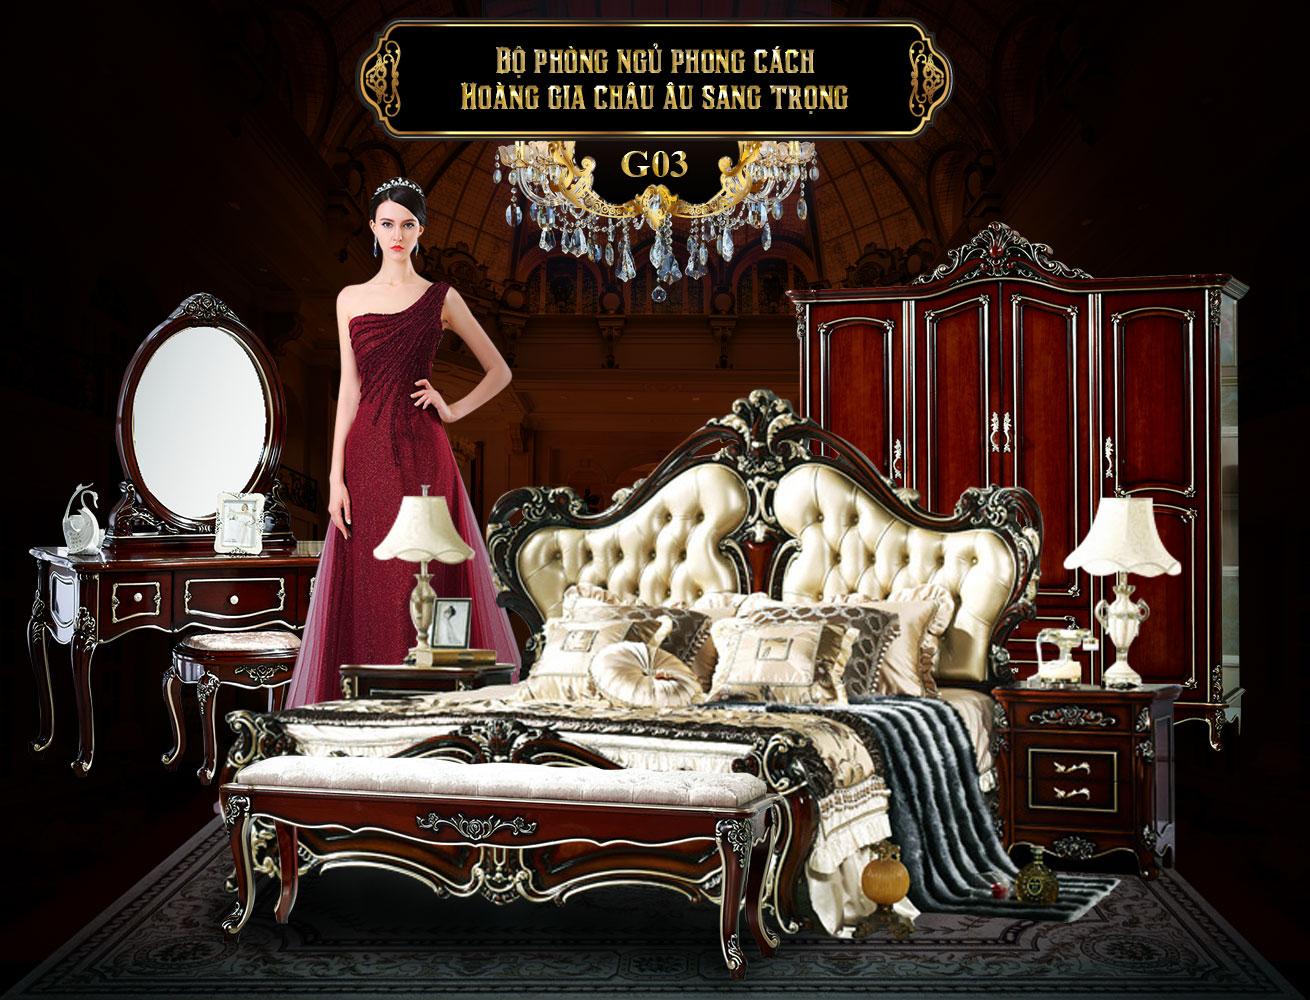 Bộ giường ngủ + tủ quần áo gỗ phong cách tân cổ điển châu âu